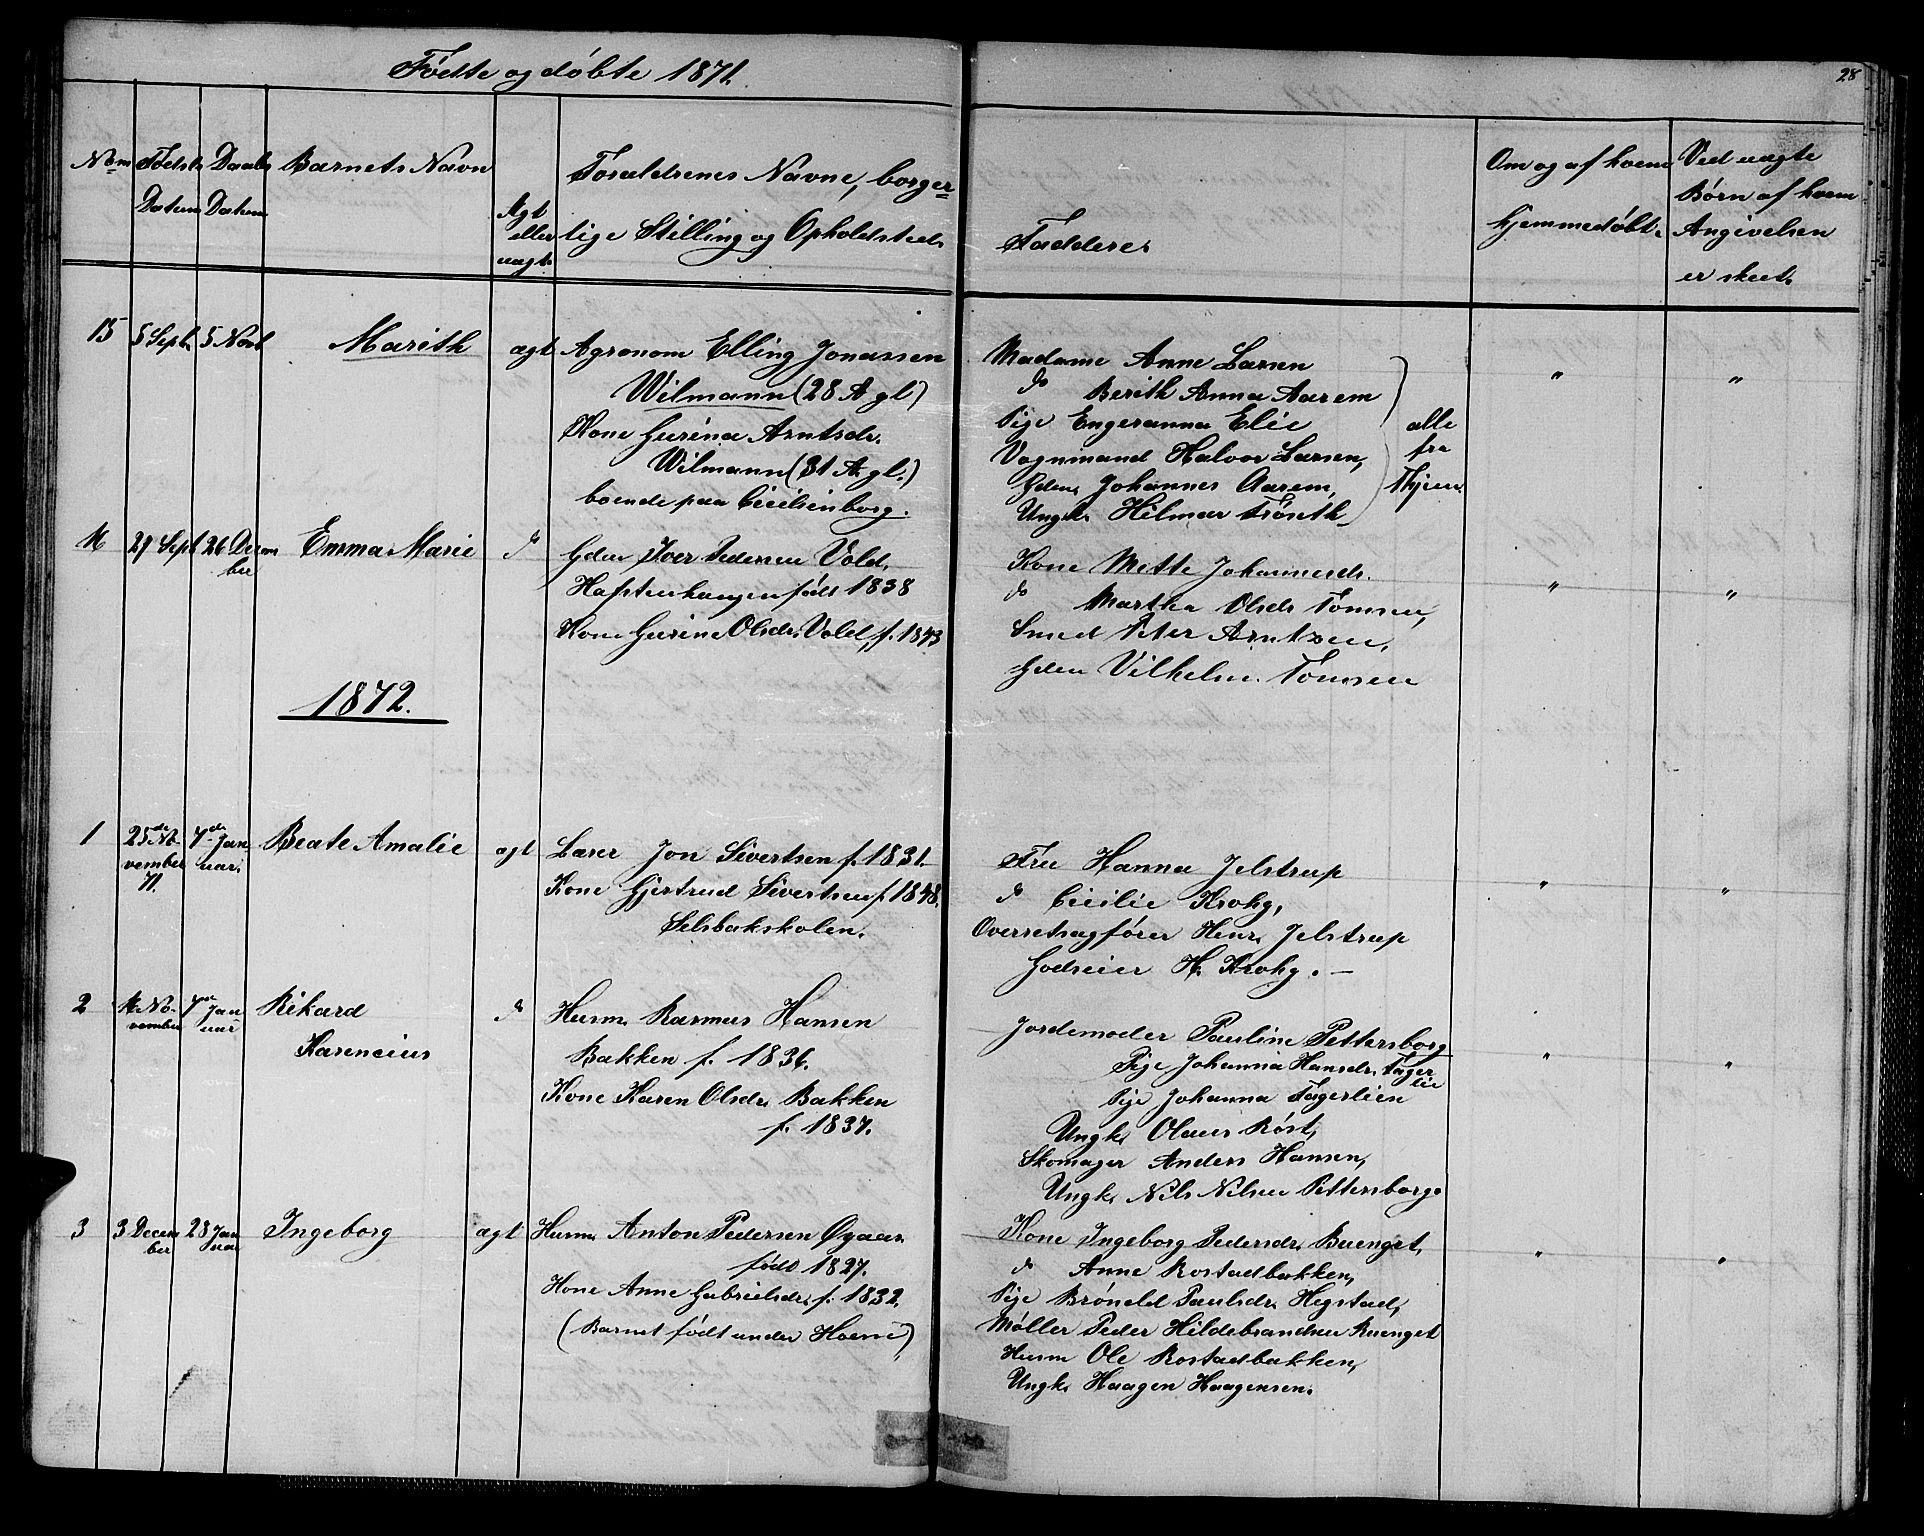 SAT, Ministerialprotokoller, klokkerbøker og fødselsregistre - Sør-Trøndelag, 611/L0353: Klokkerbok nr. 611C01, 1854-1881, s. 28